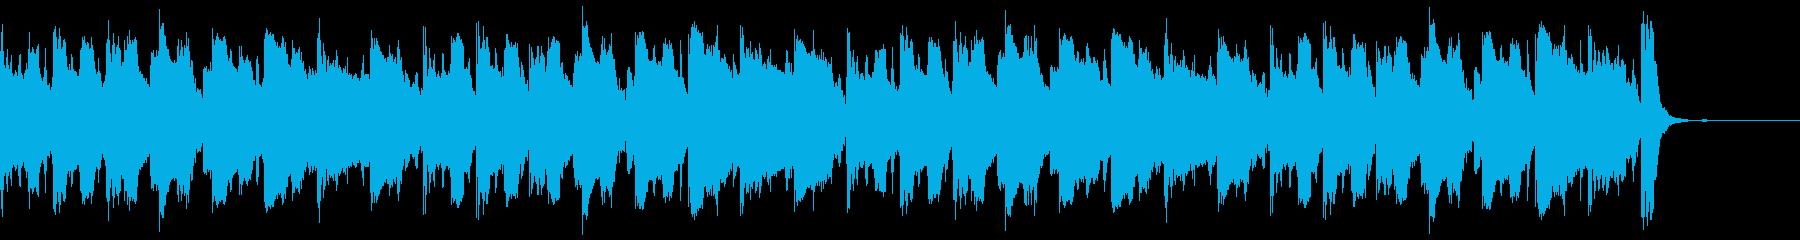 ネットCM 30秒 リコーダーB 日常の再生済みの波形